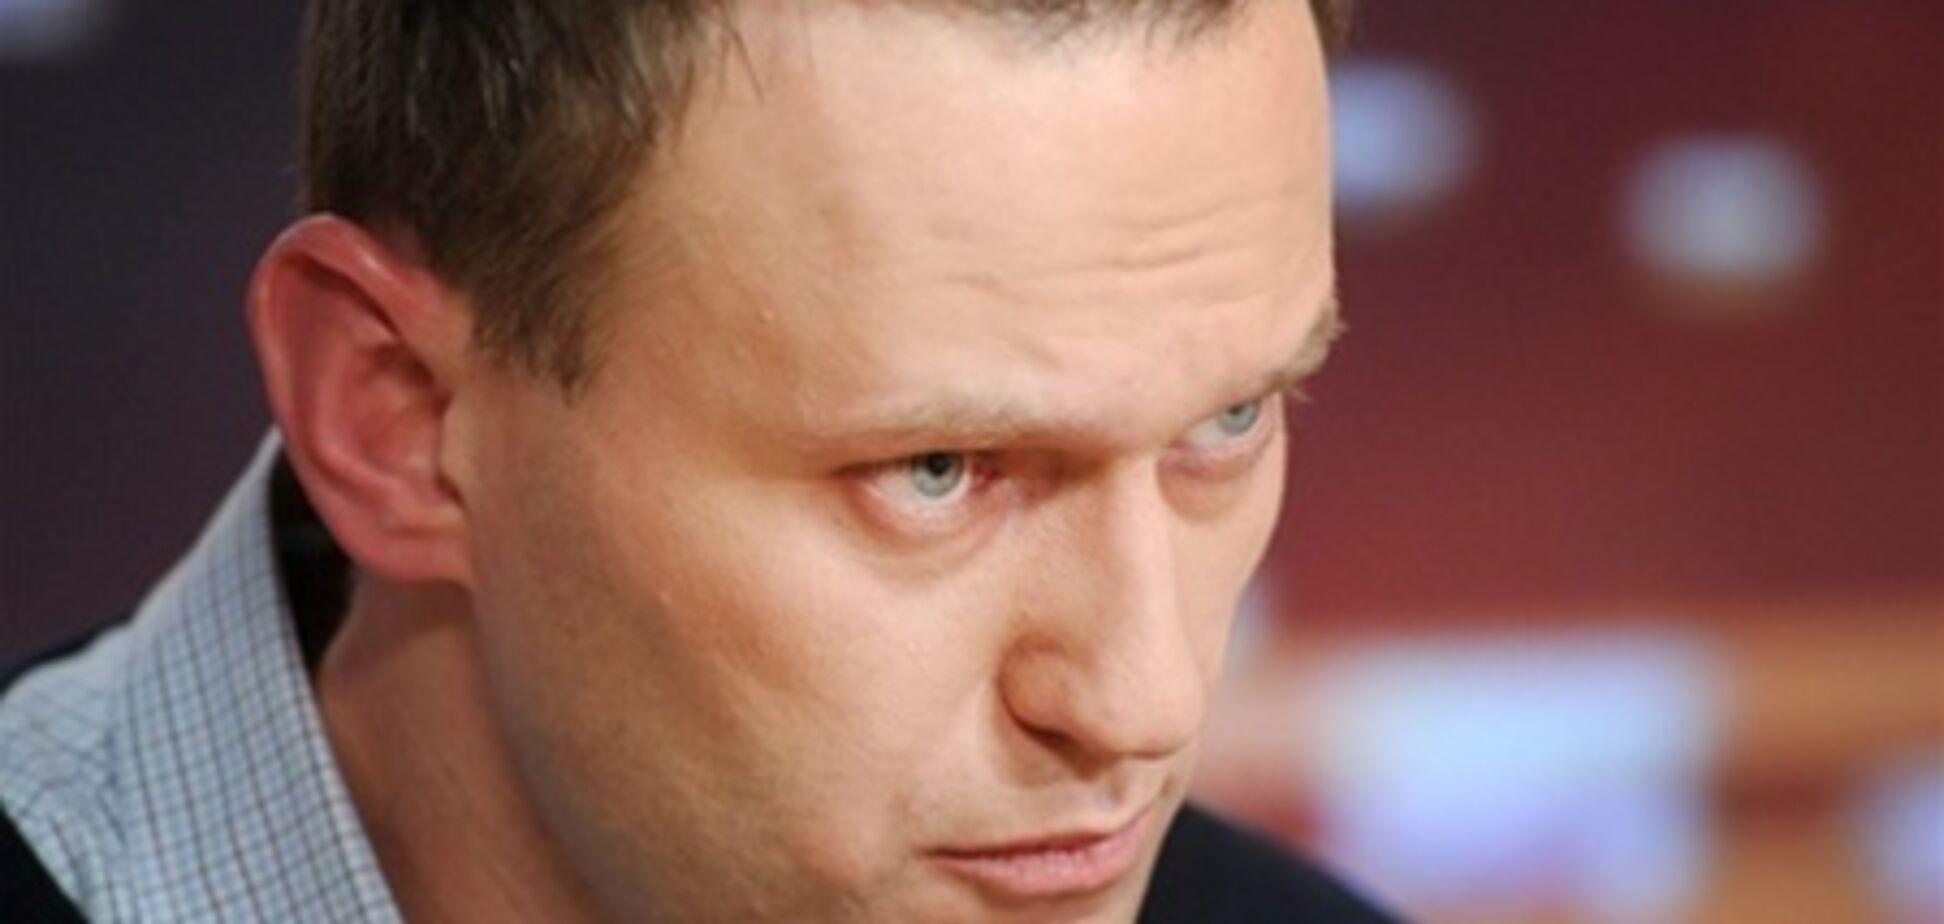 Суд отклонил жалобу Навального на обыск